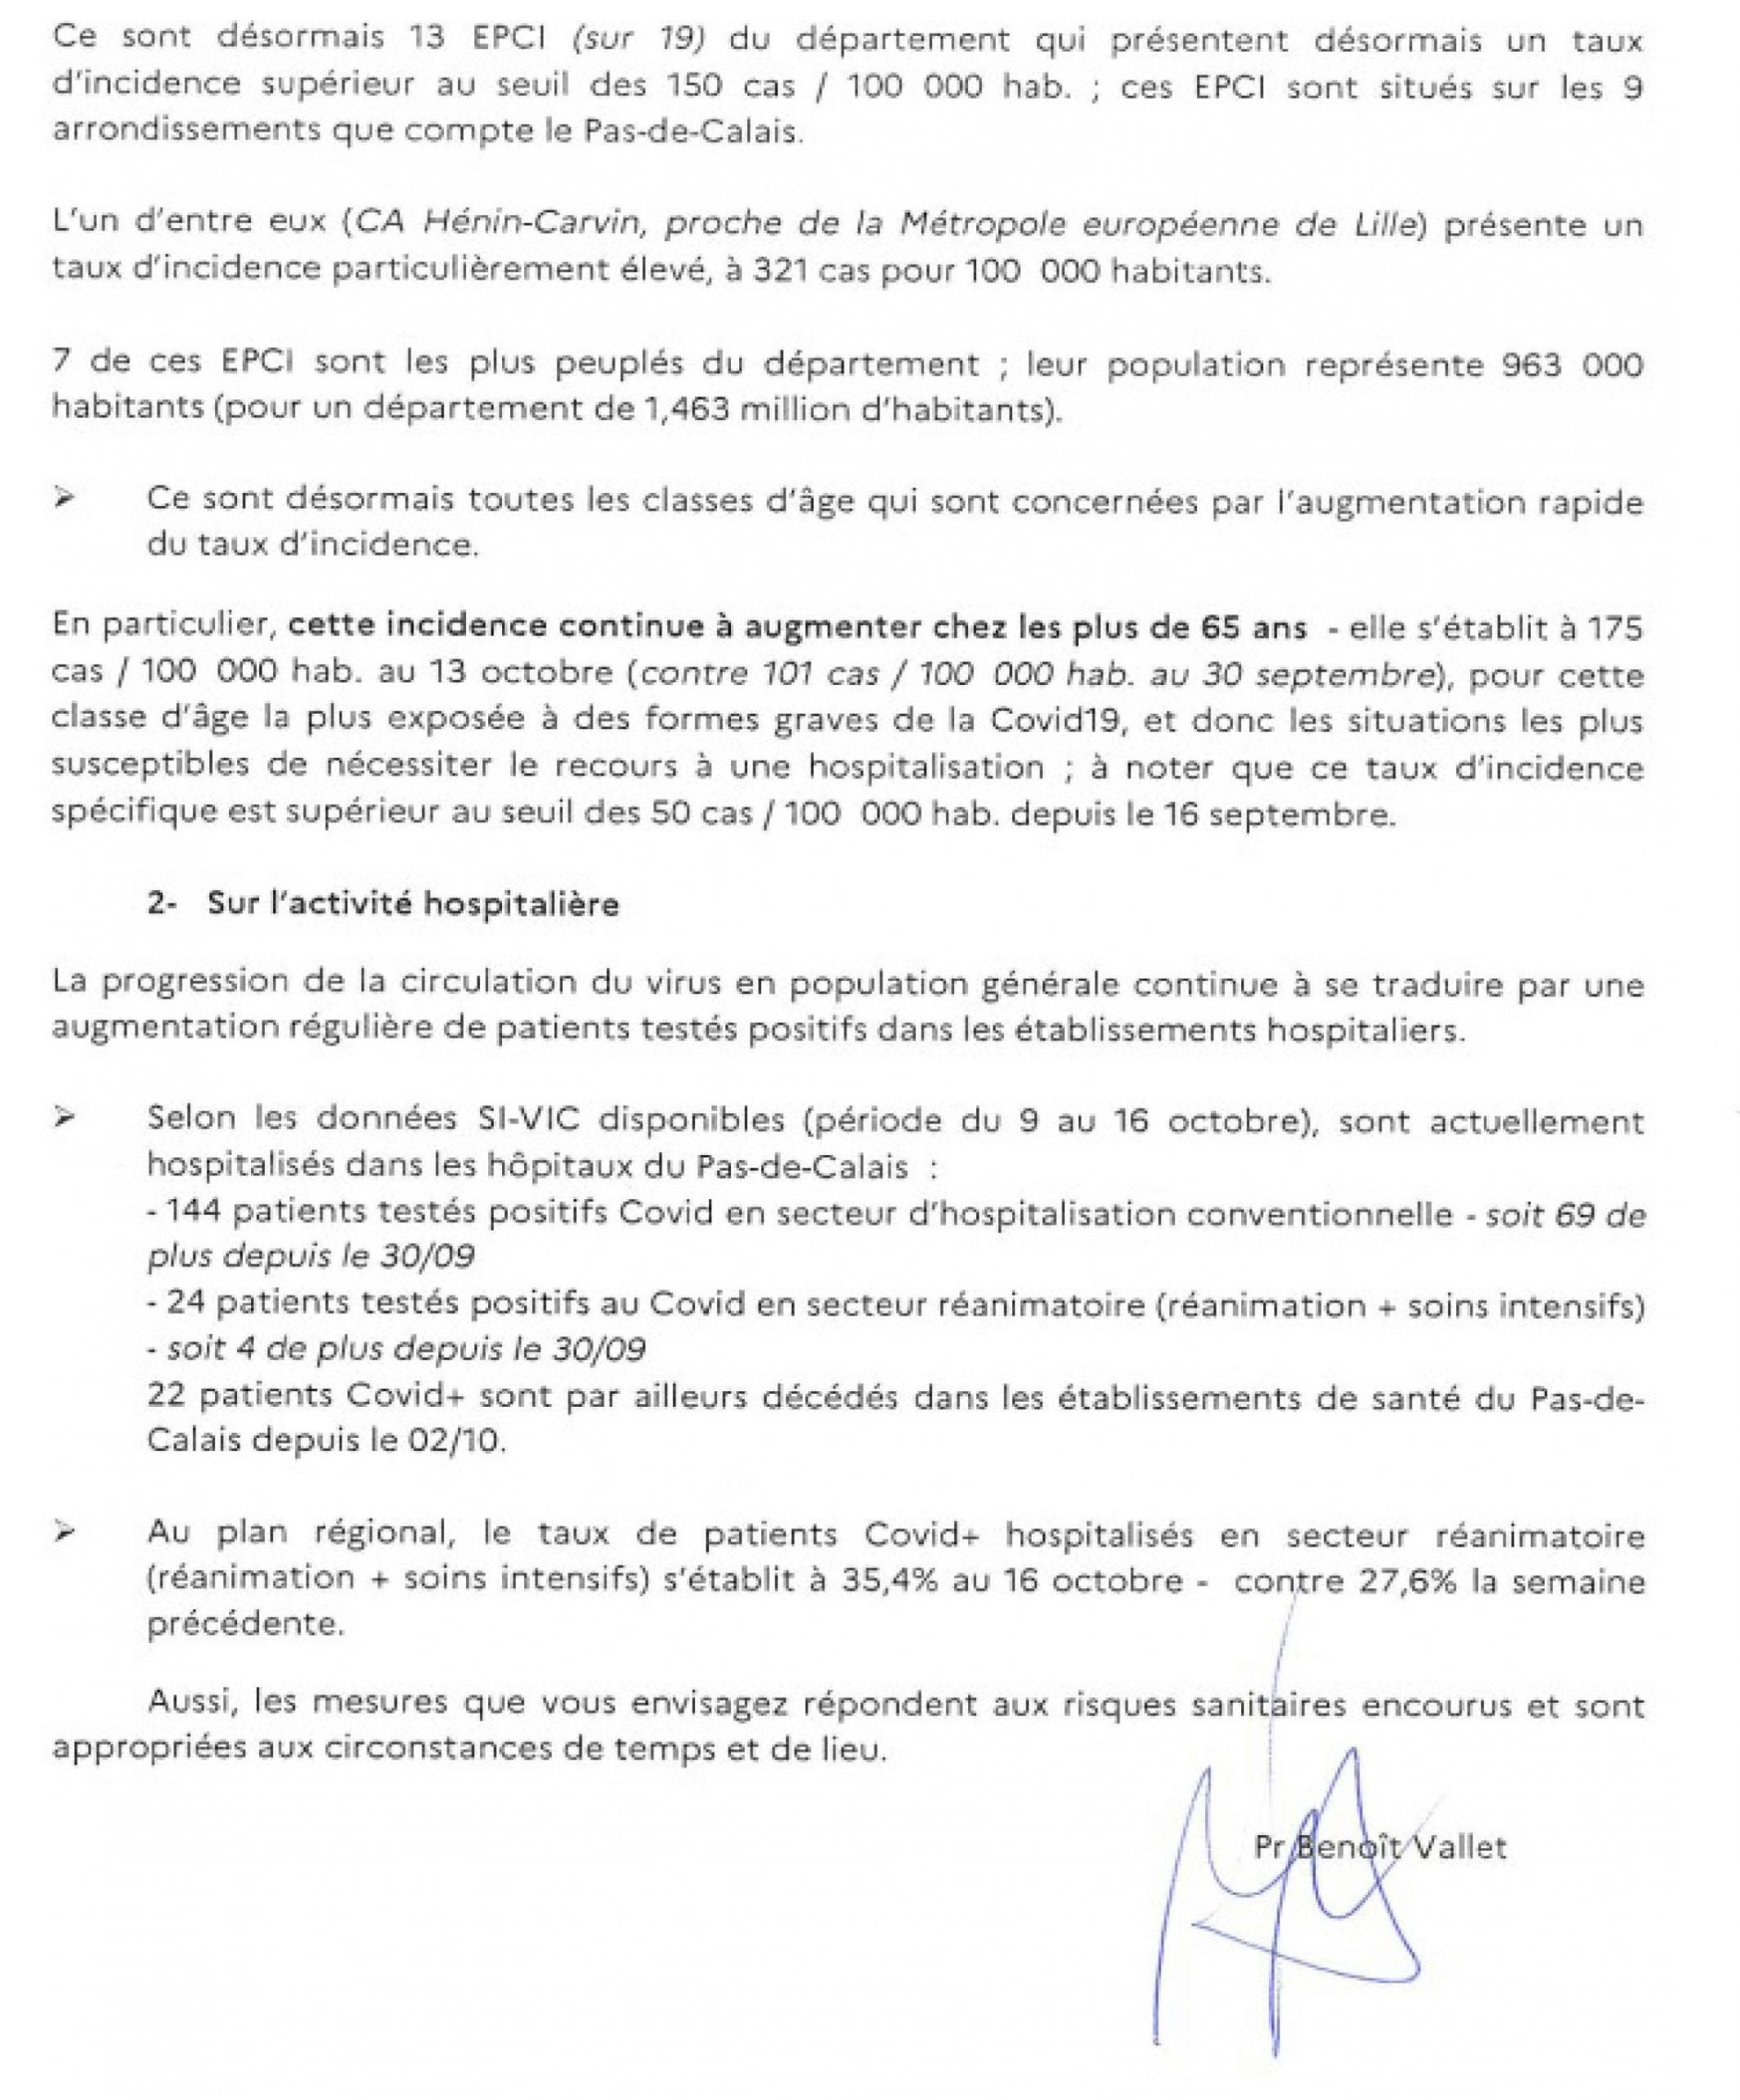 Arrete_prefectoral_du_24_octobre_2020-12